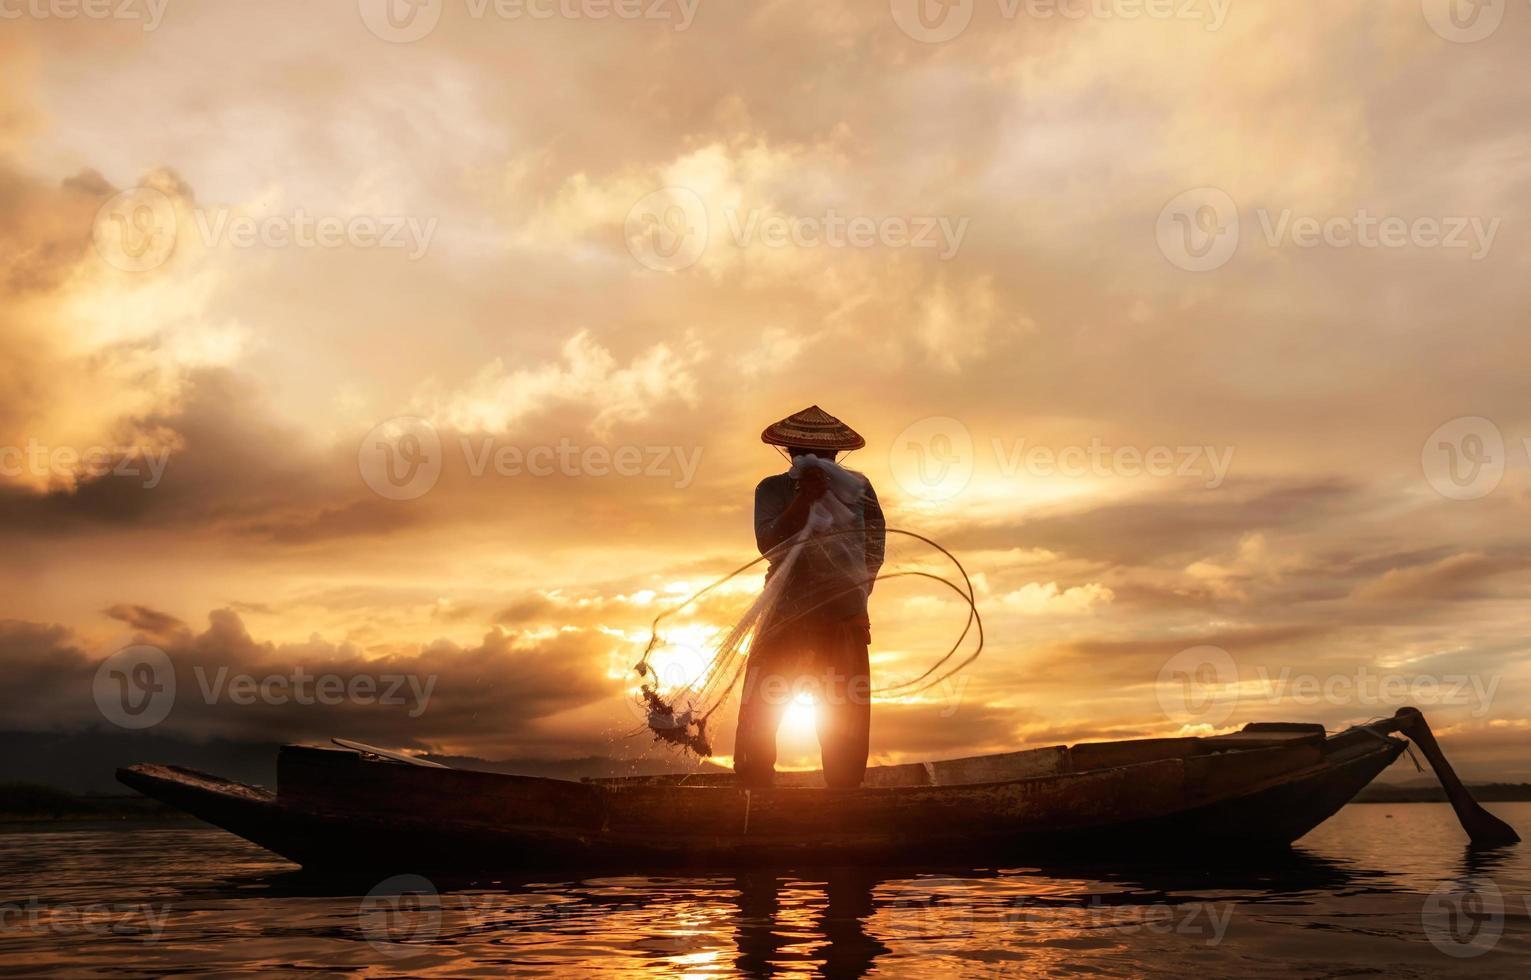 pescador do lago bangpra em ação ao pescar, Tailândia foto